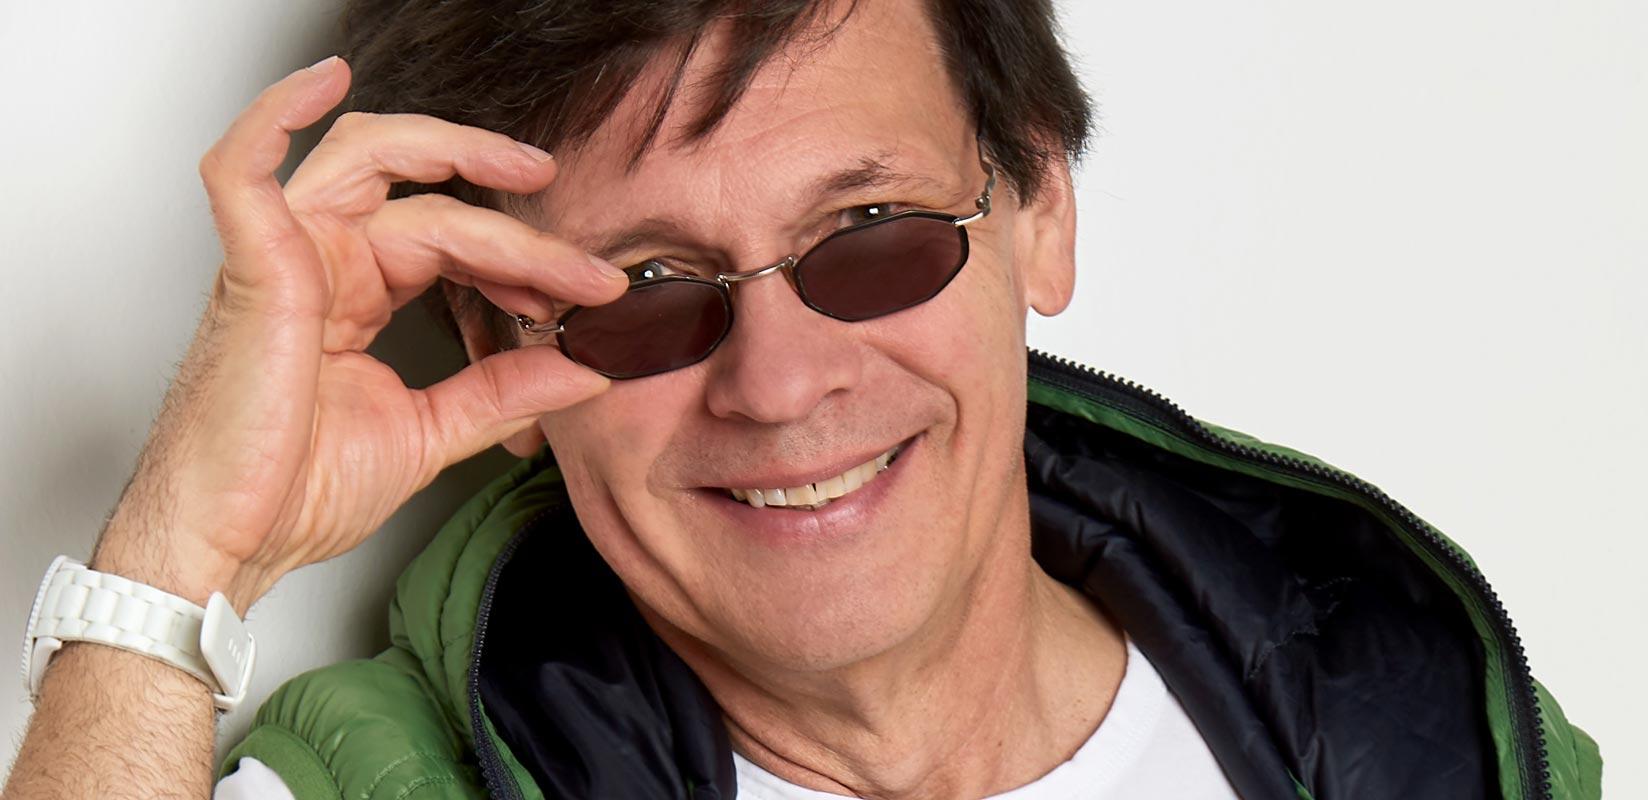 Herren-Portraitfoto - Mann mit Sonnenbrille, Slide